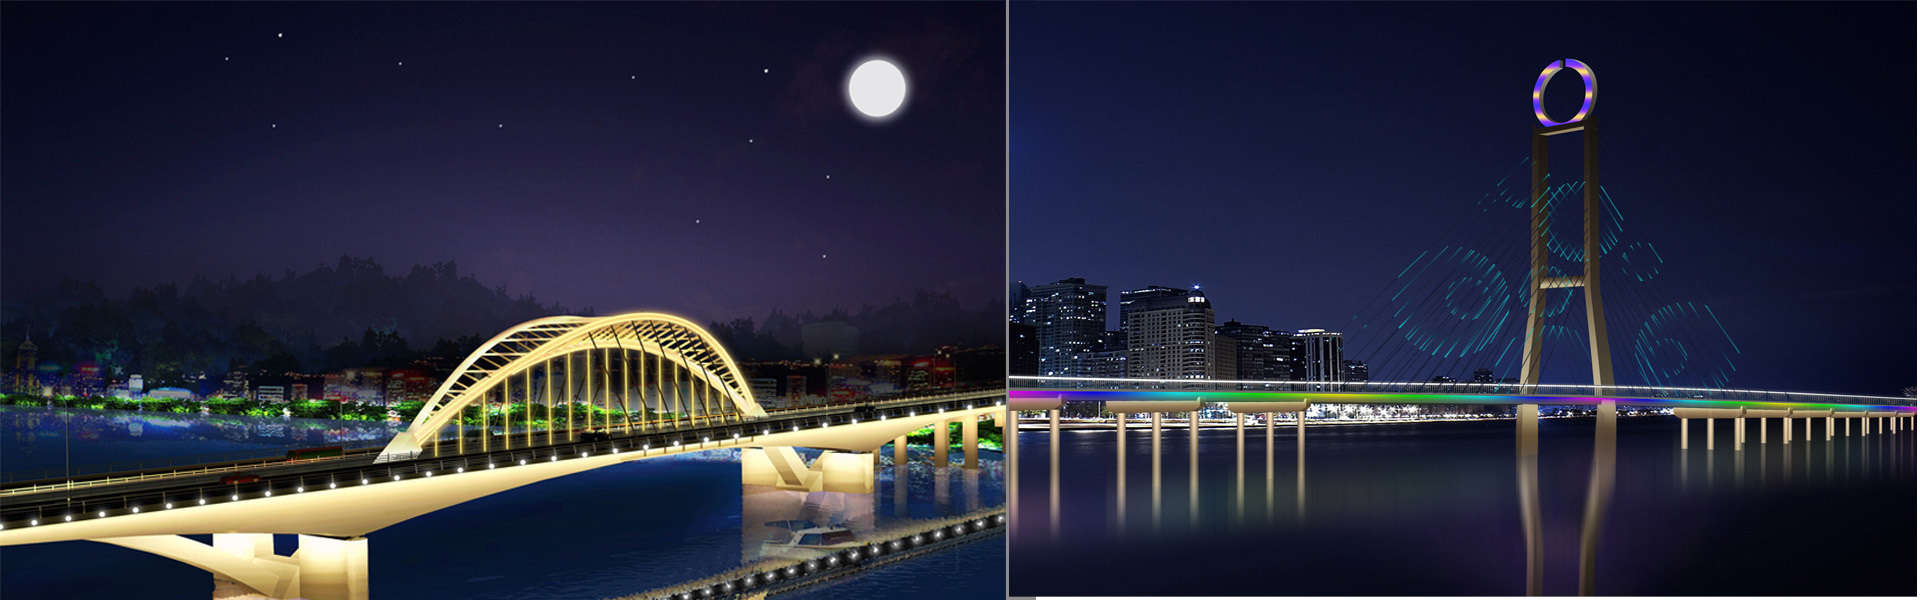 桥梁亮化工程  桥梁亮化工程照明  桥梁亮化工程设计 桥梁 亮化工程设计公司  桥梁亮化工程夜景   桥梁亮化工程效果图  桥梁亮化工程灯